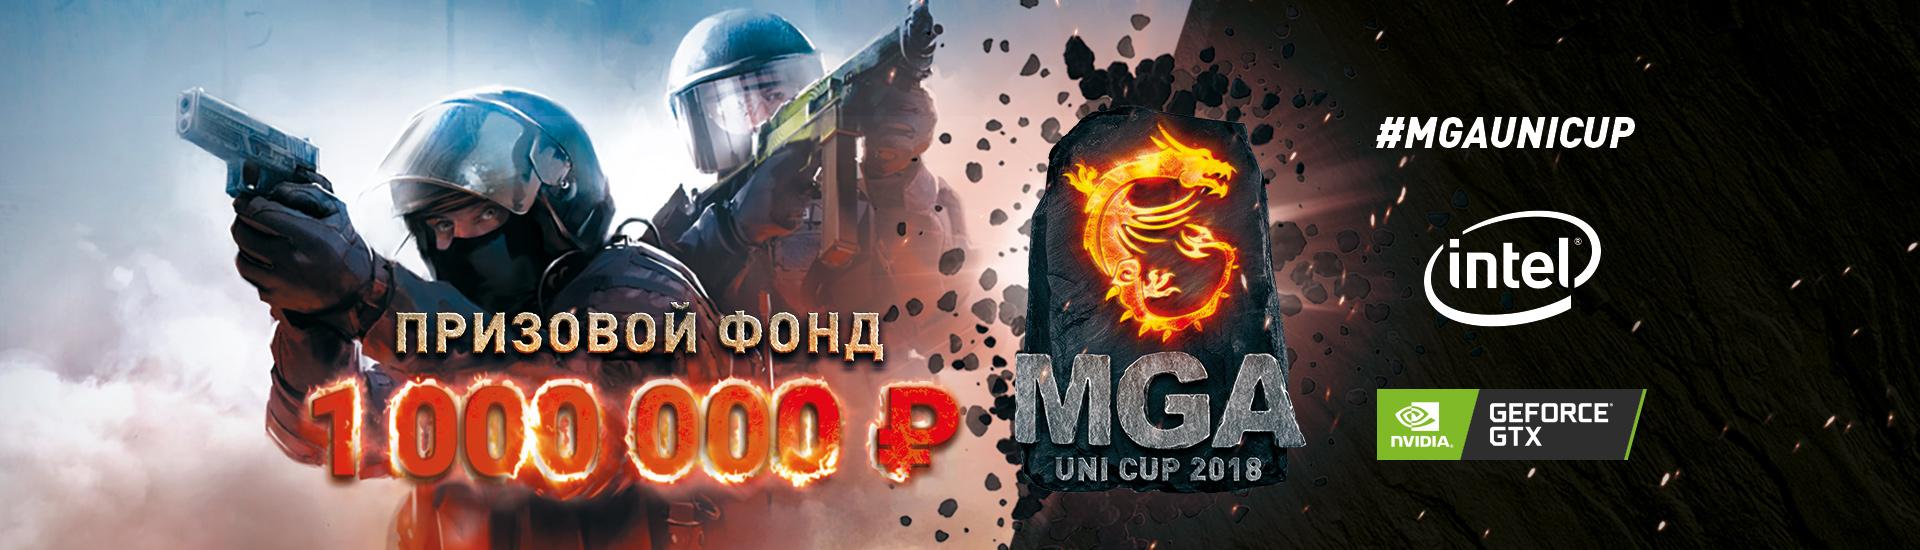 MSI MGA Uni Cup 2018